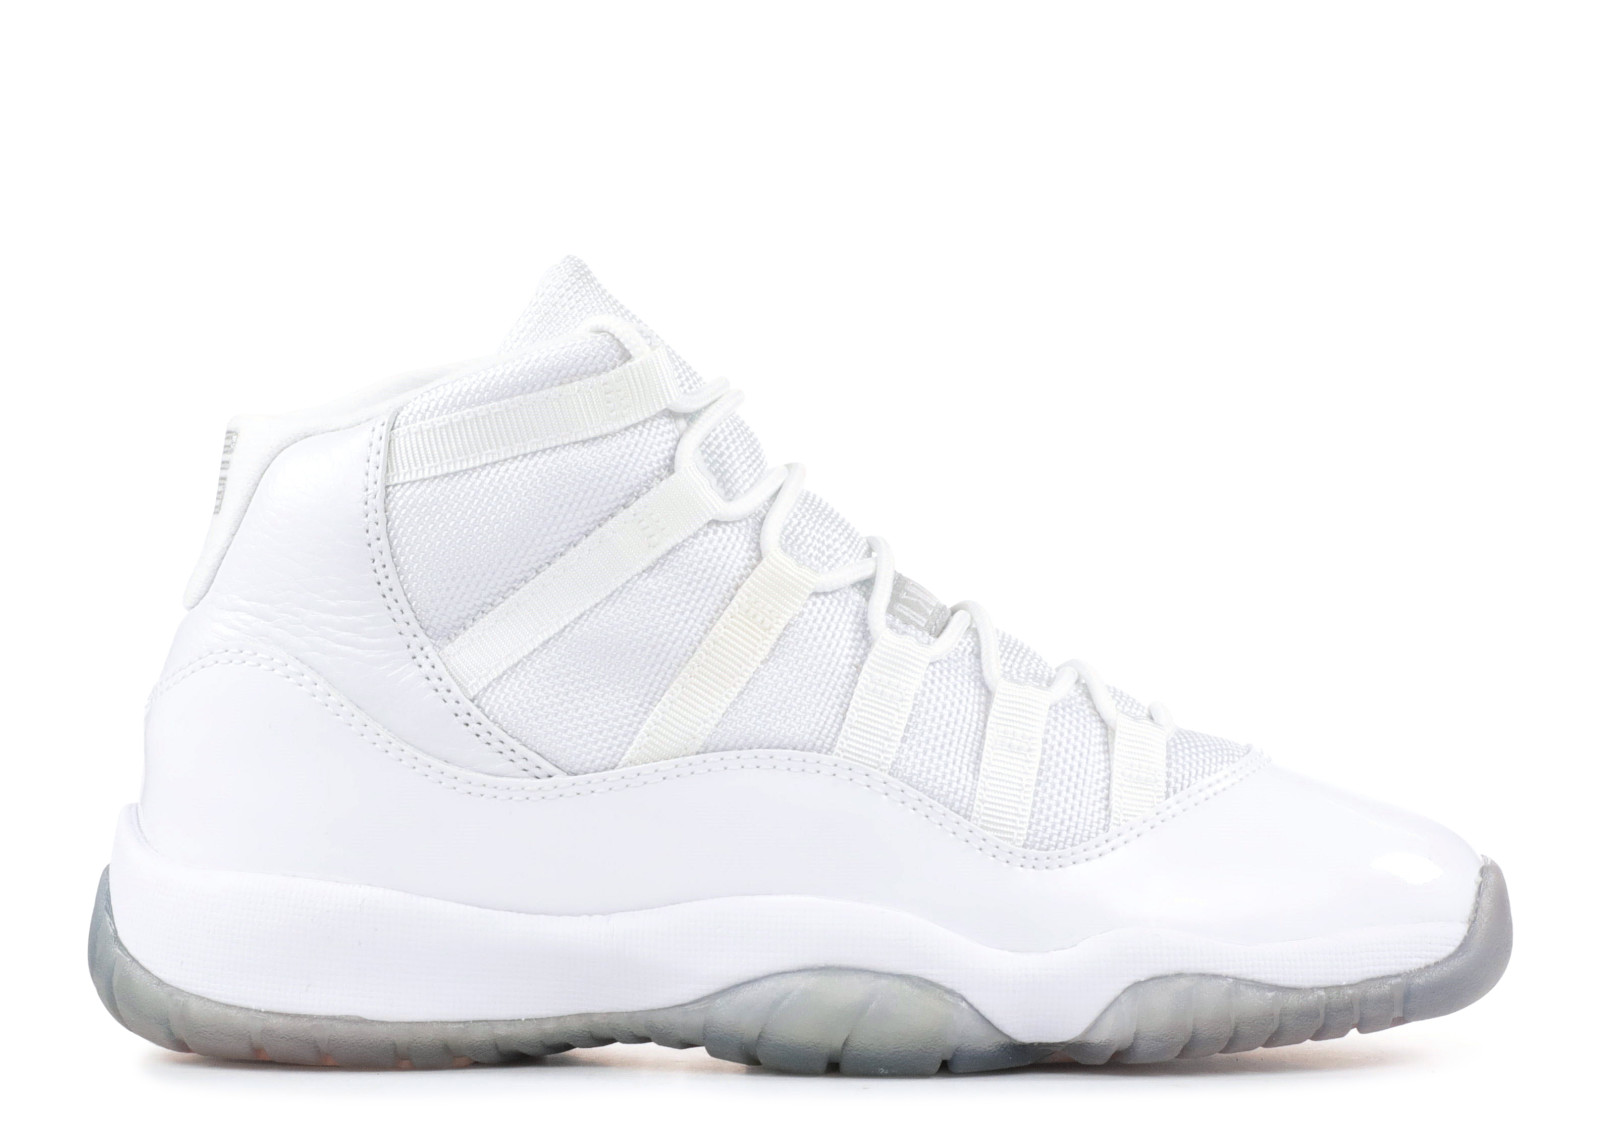 エアー ジョーダン アニバーサリー メンズ 男性用 スニーカー 靴 メンズ靴 【 AIR JORDAN 11 GS 25TH ANNIVERSARY WHITE METALLICSILVER 】